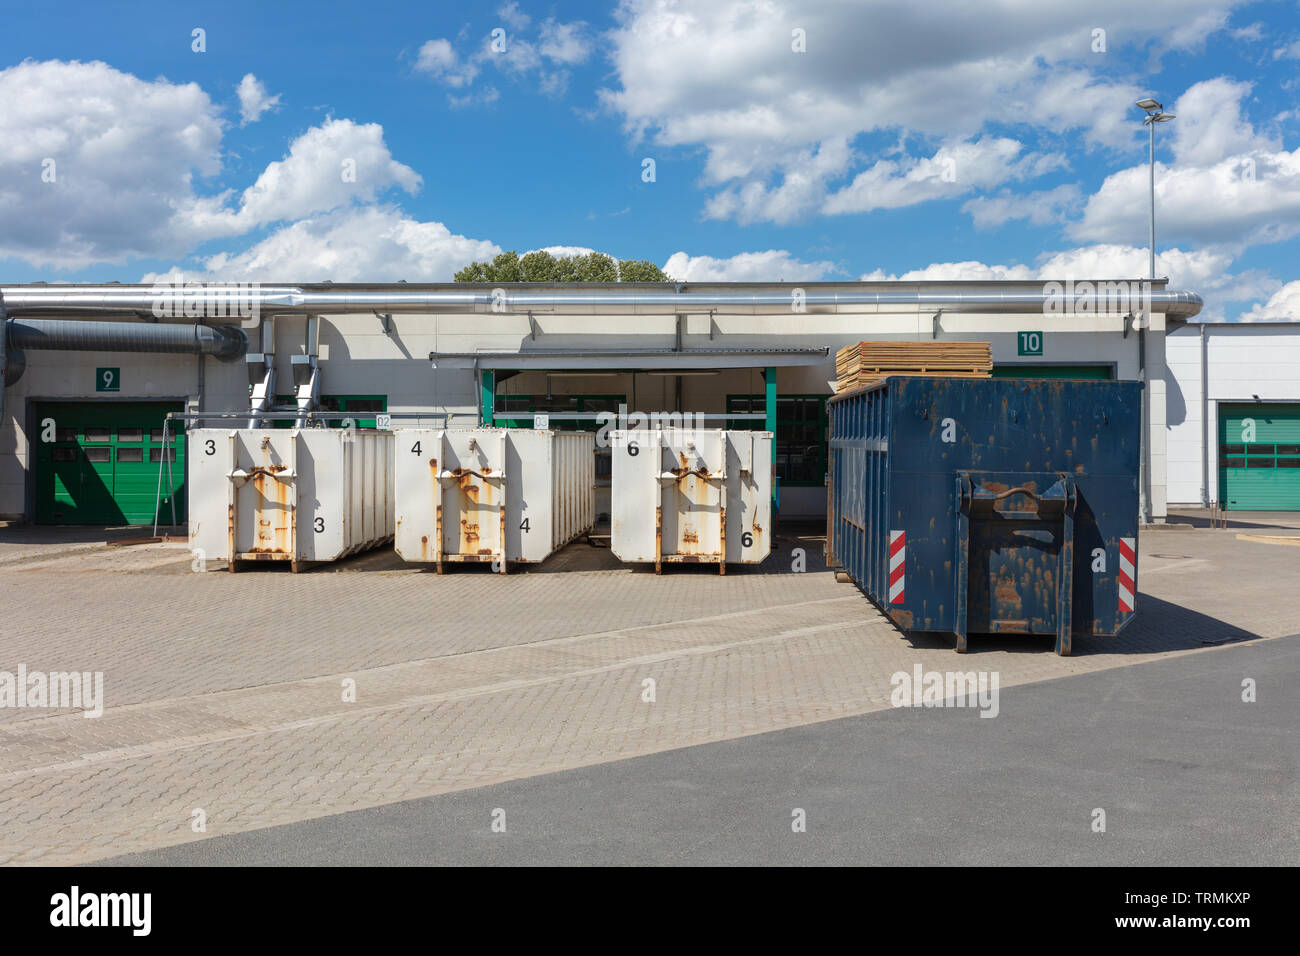 Weiß Müllcontainer stehen auf einem Fabrikgelände, und es gibt andere Müllcontainer neben ihnen Stockfoto